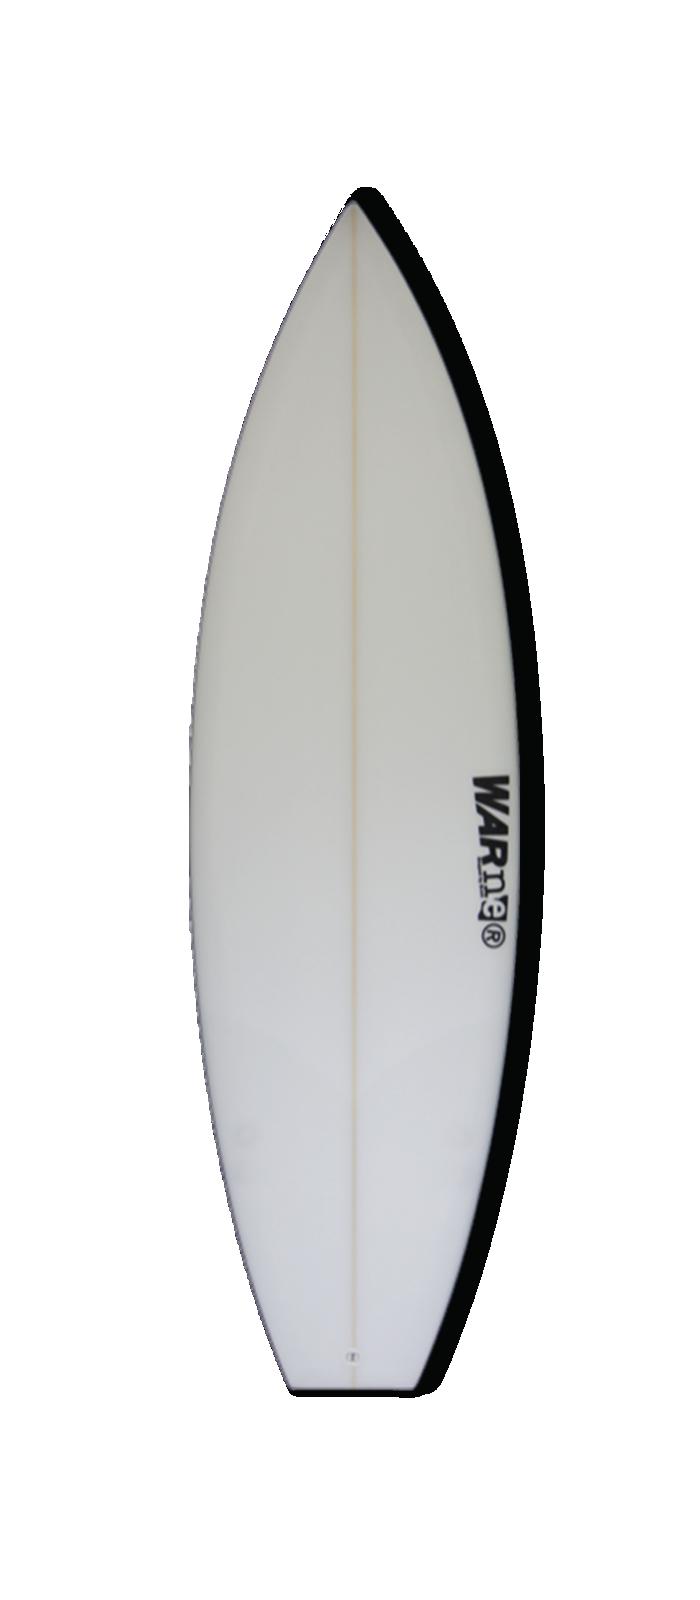 BANDIT surfboard model